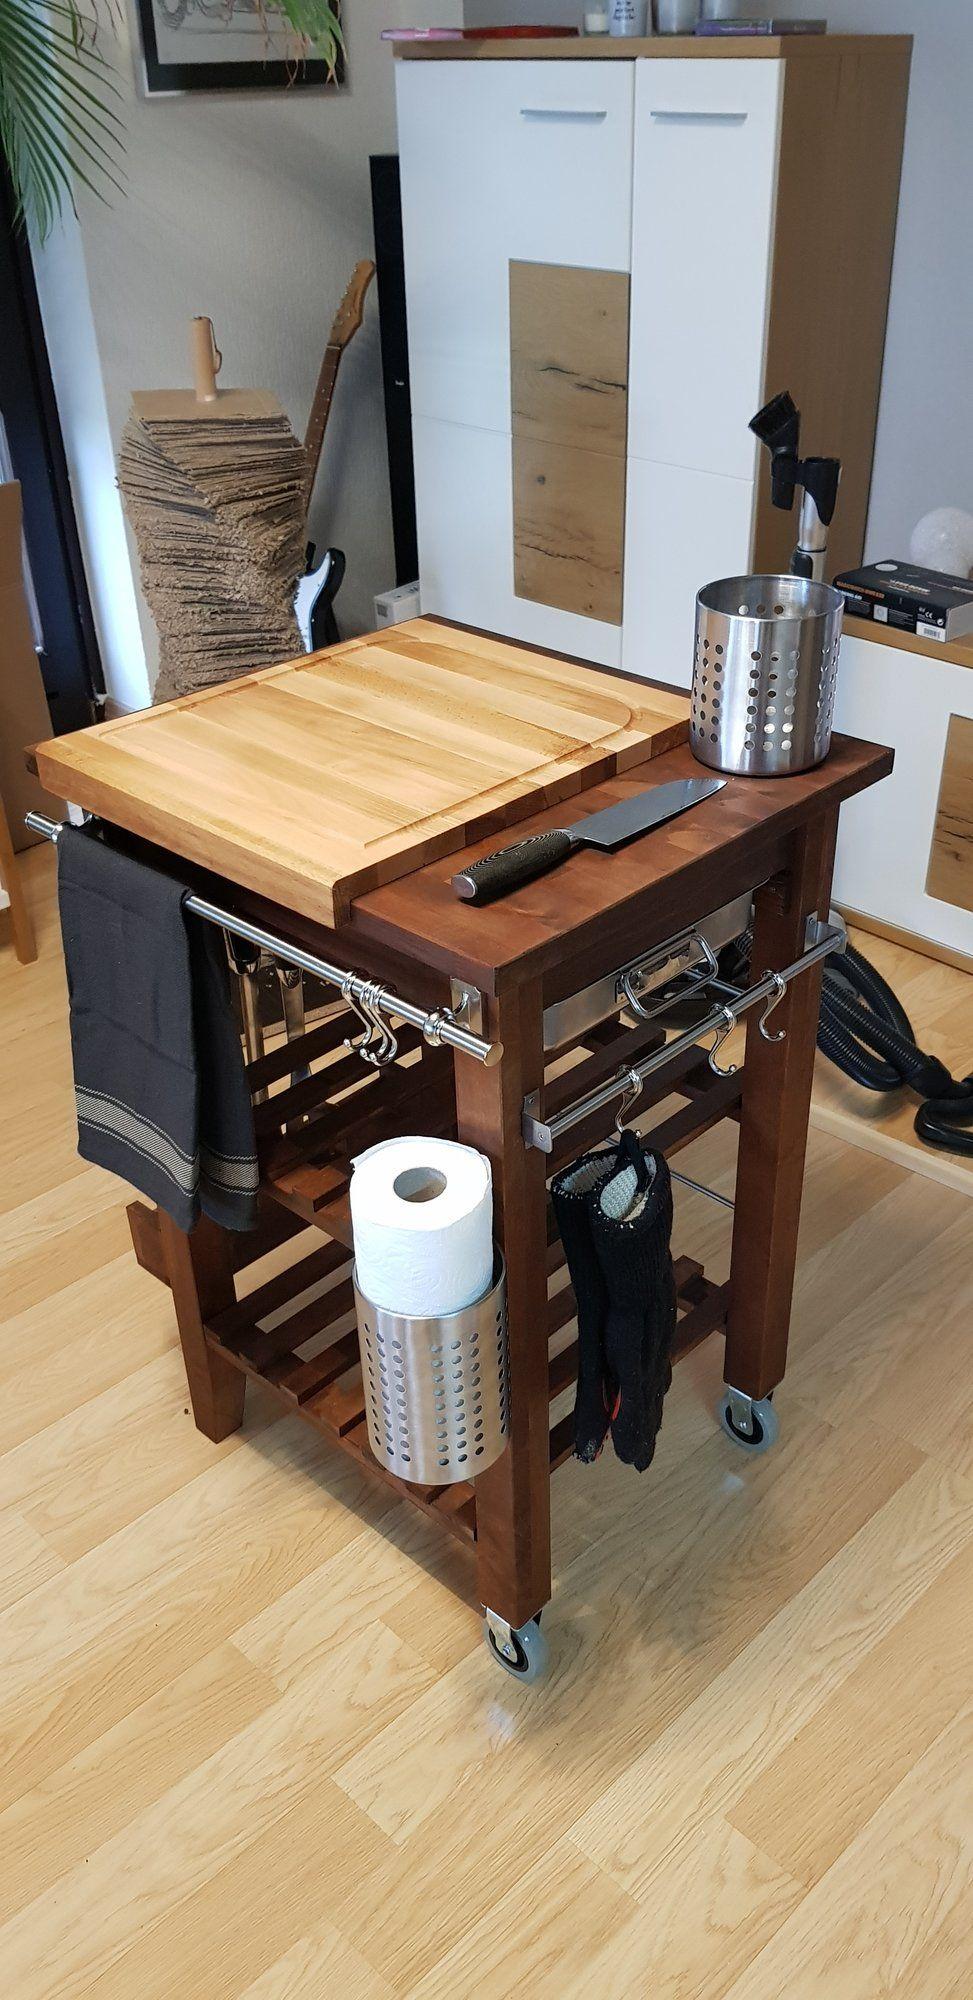 Der Ikea Bekvam Umbau Modding Threadseite 36 Grillforum Und Bbq Www Grillsportverein De Ikea Grill Beistelltisch Ikea Klapptisch